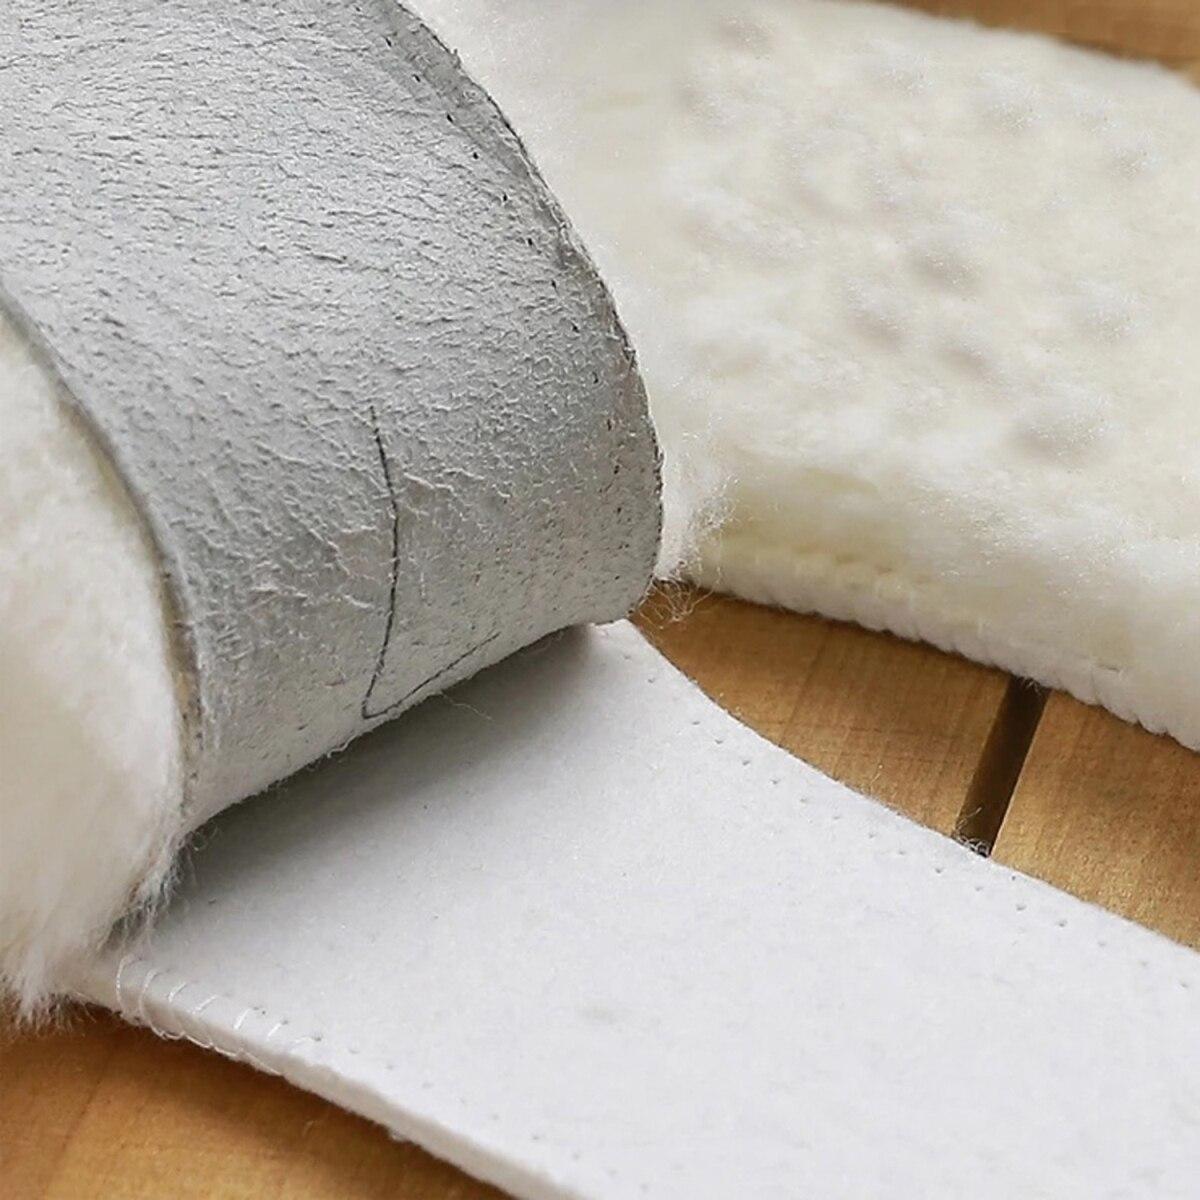 Semelles en peau de mouton naturelle cachemire thermique bottes de neige en peau de mouton coussin de chaussure vraie fourrure laine adulte enfants chaussures d'hiver chaud surdimensionné